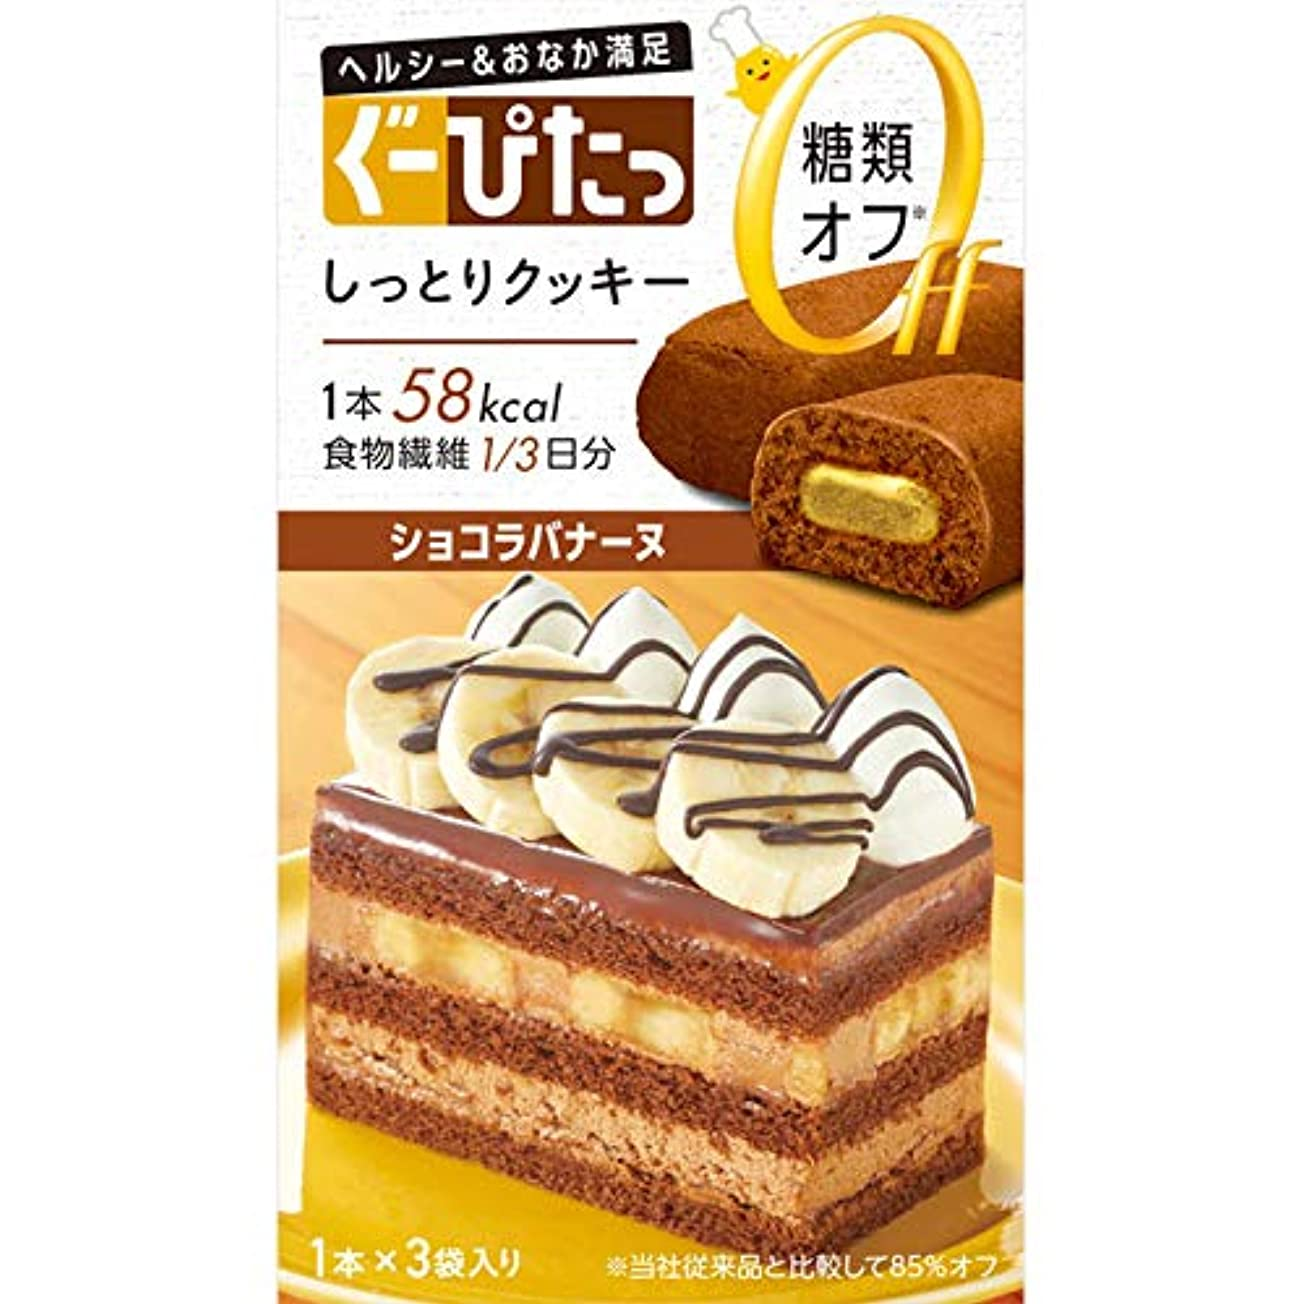 集団番号旅行者ナリスアップ ぐーぴたっ しっとりクッキー ショコラバナーヌ (3本) ダイエット食品